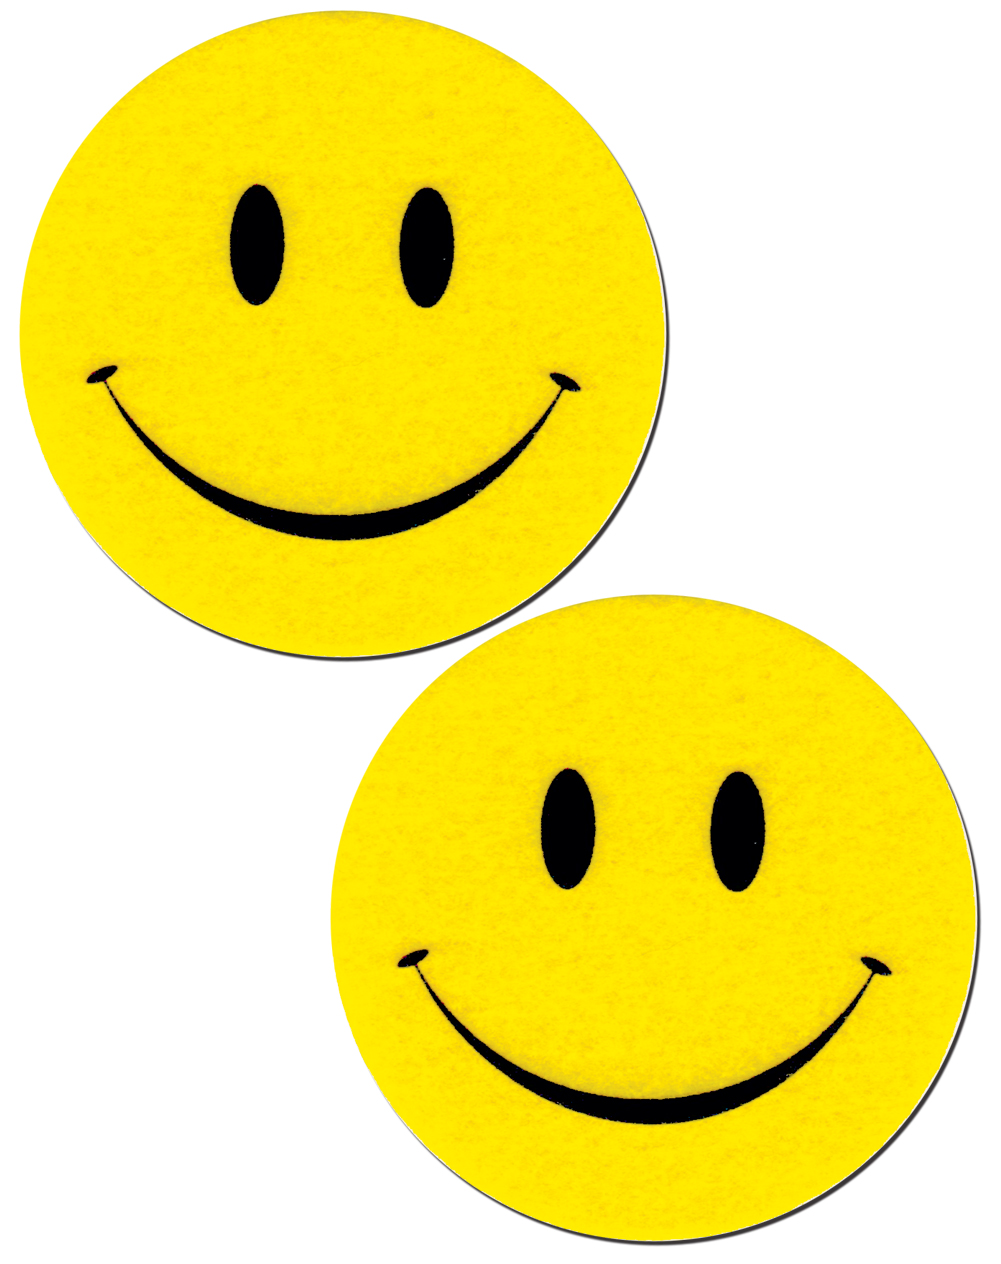 PASTEASE SMILEYFACE YELLOW